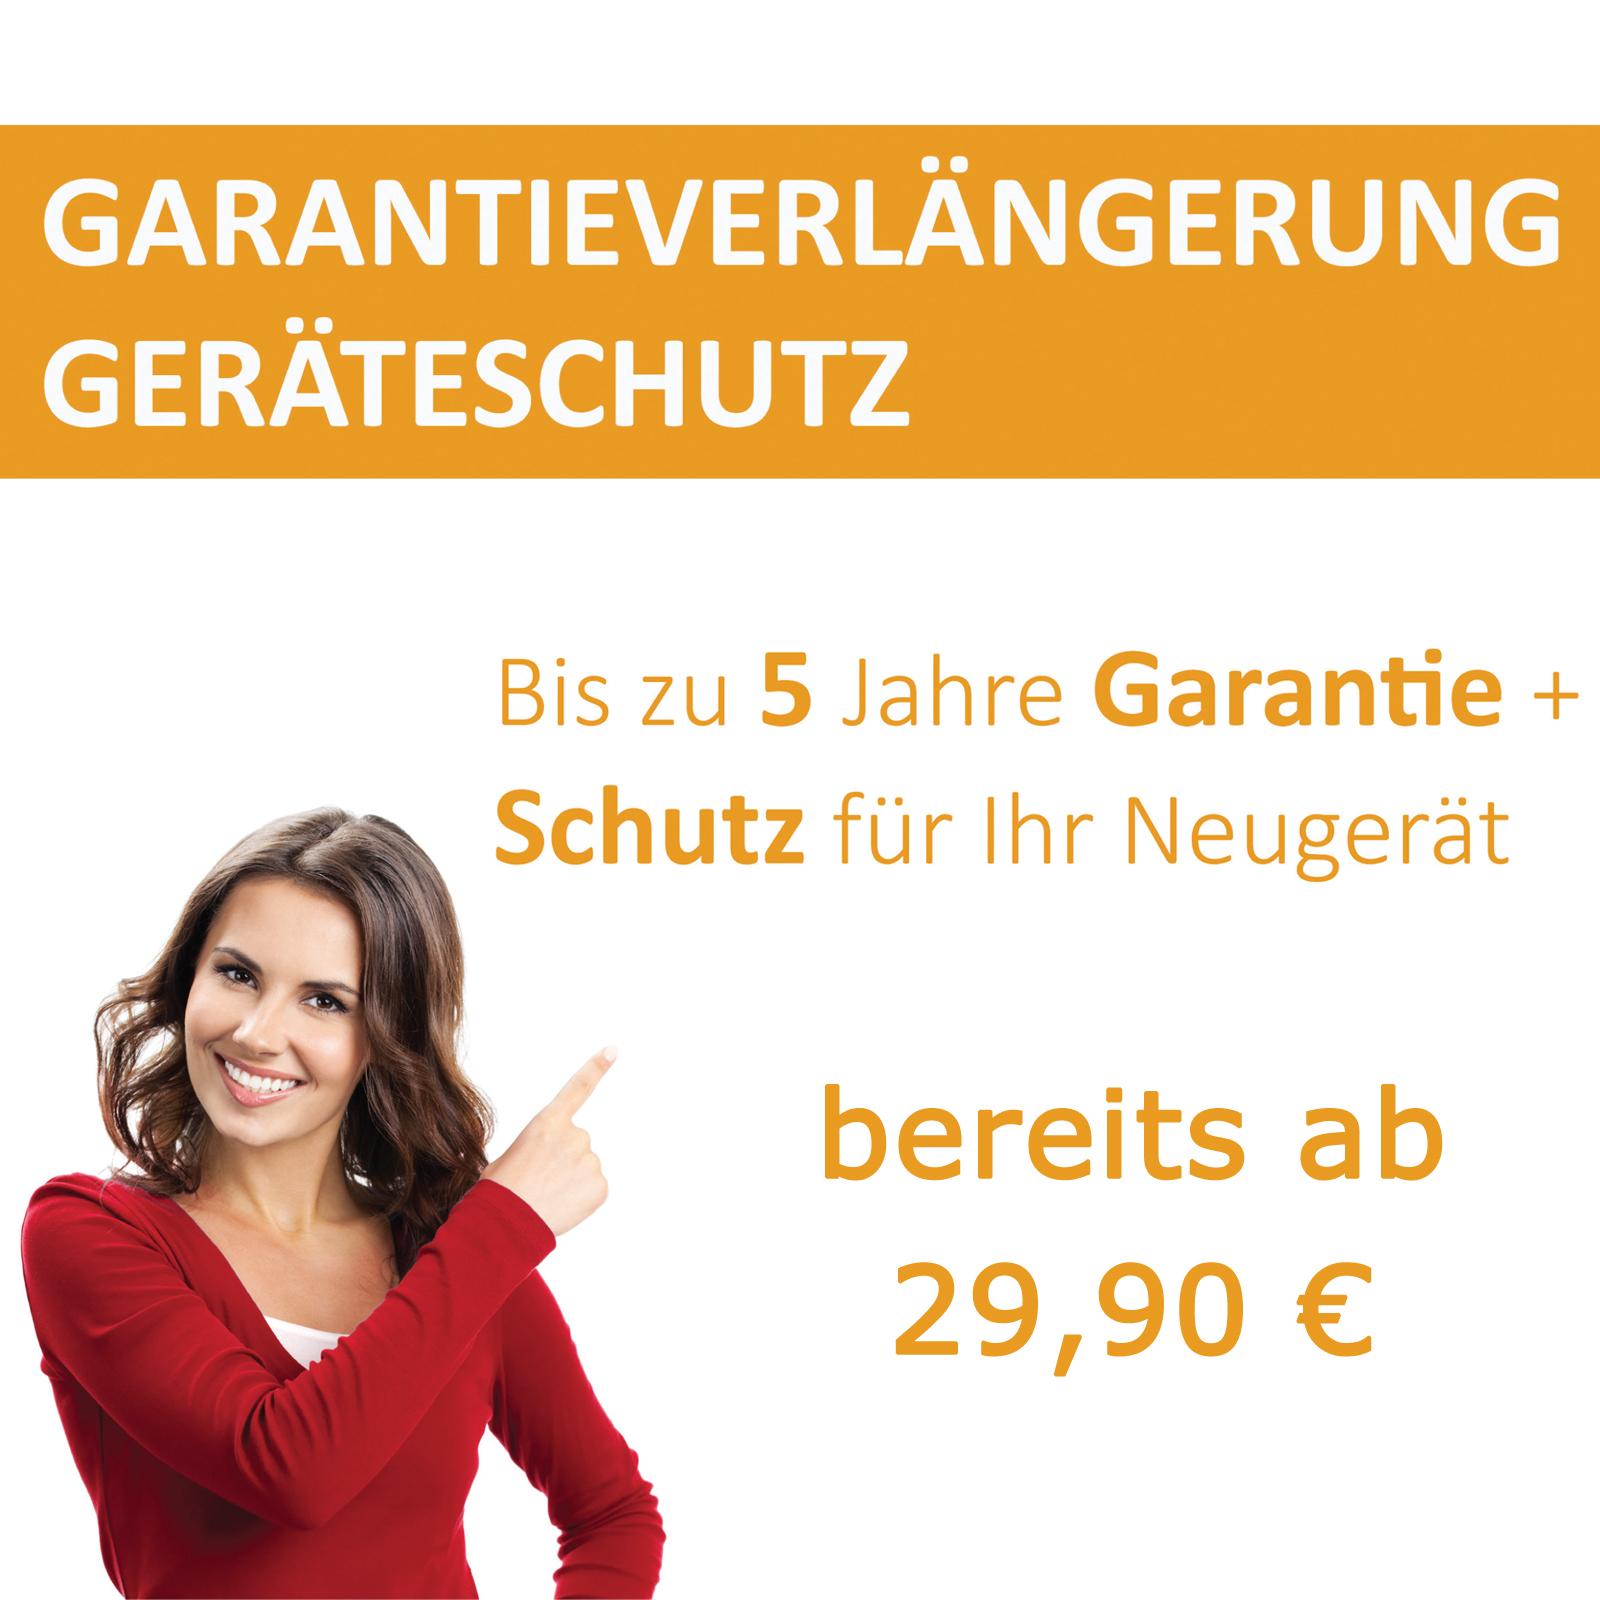 Garantieverlängerung für Geräte bis 250,- € inkl. MwSt.